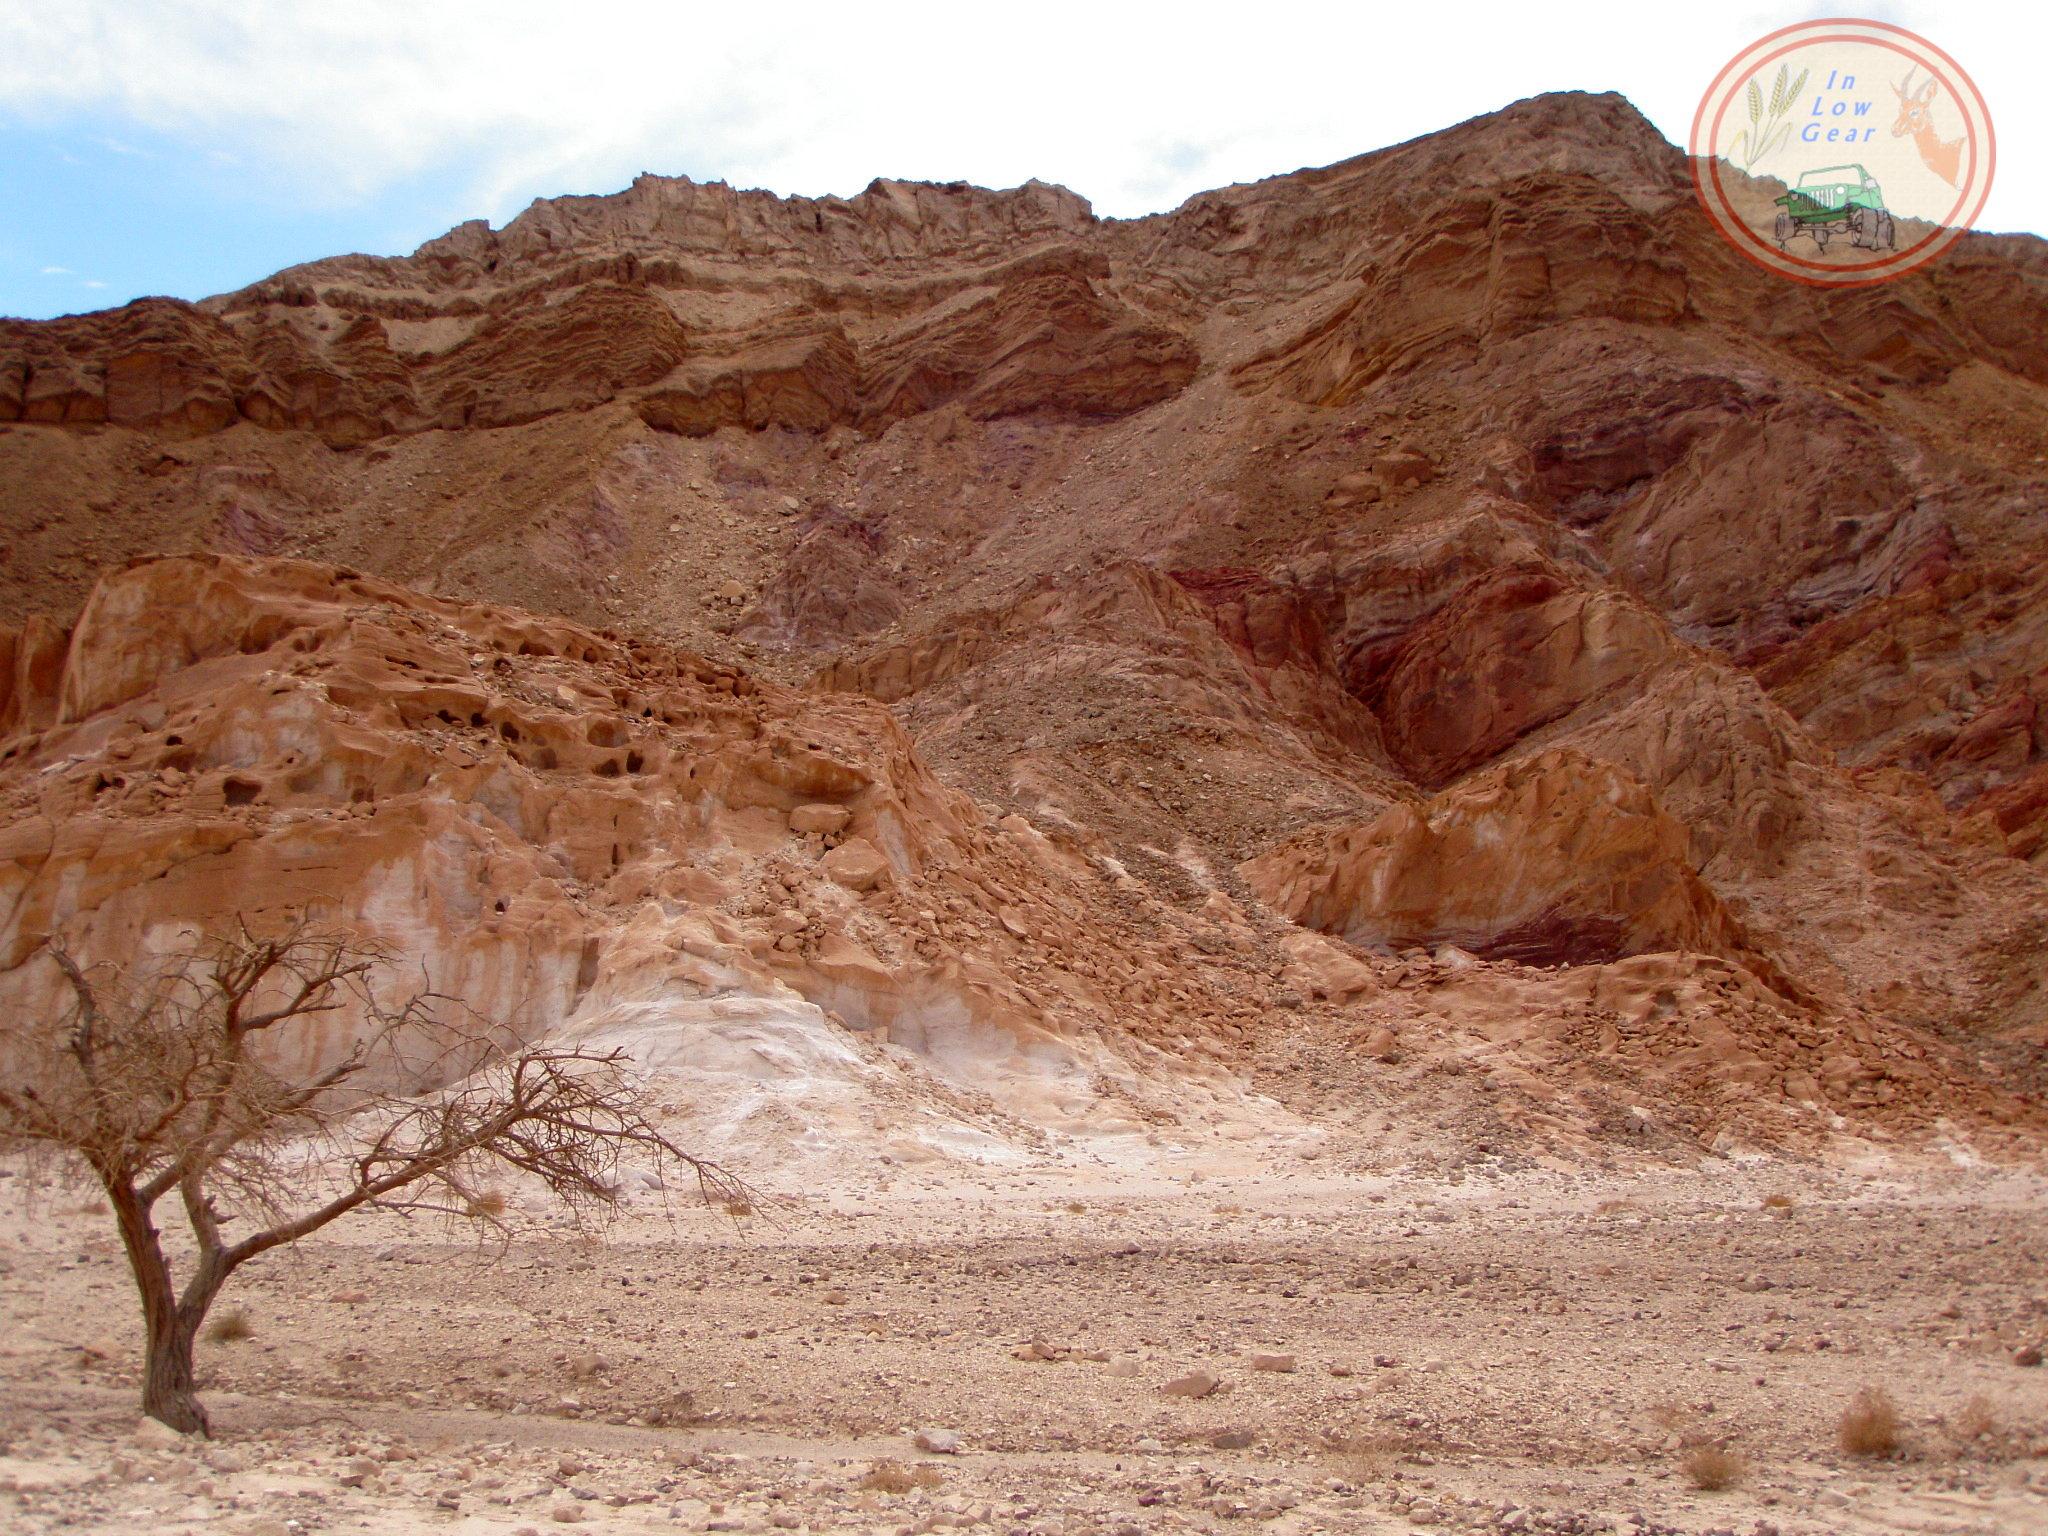 Eilat, Nahal Shlomo אילת, נחל שלמה